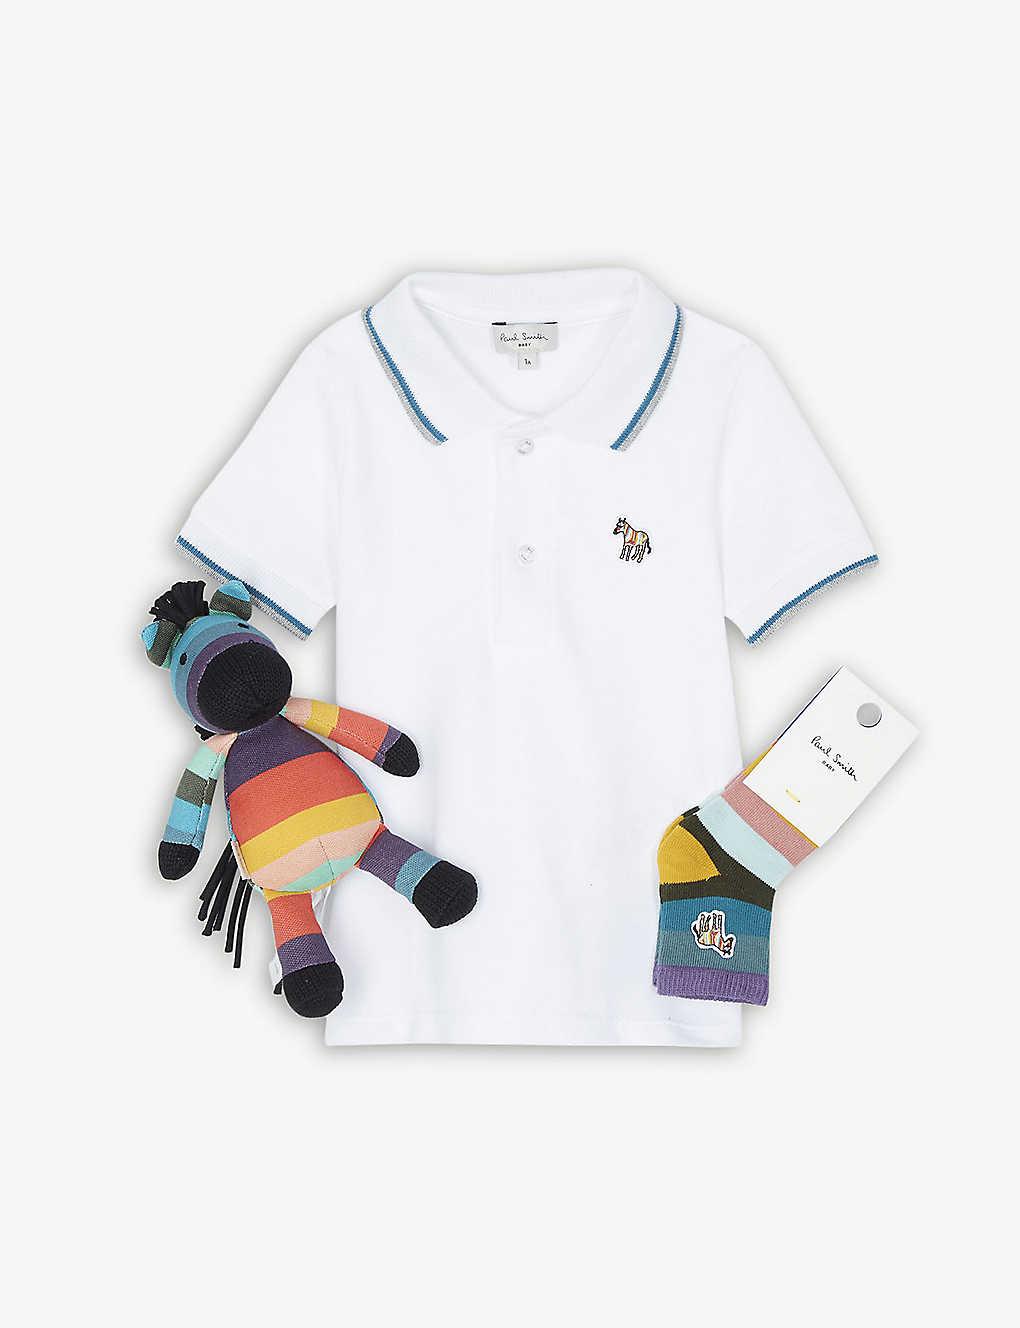 458e60937 PAUL SMITH JUNIOR - Zebra polo shirt three-piece gift set 3-12 ...